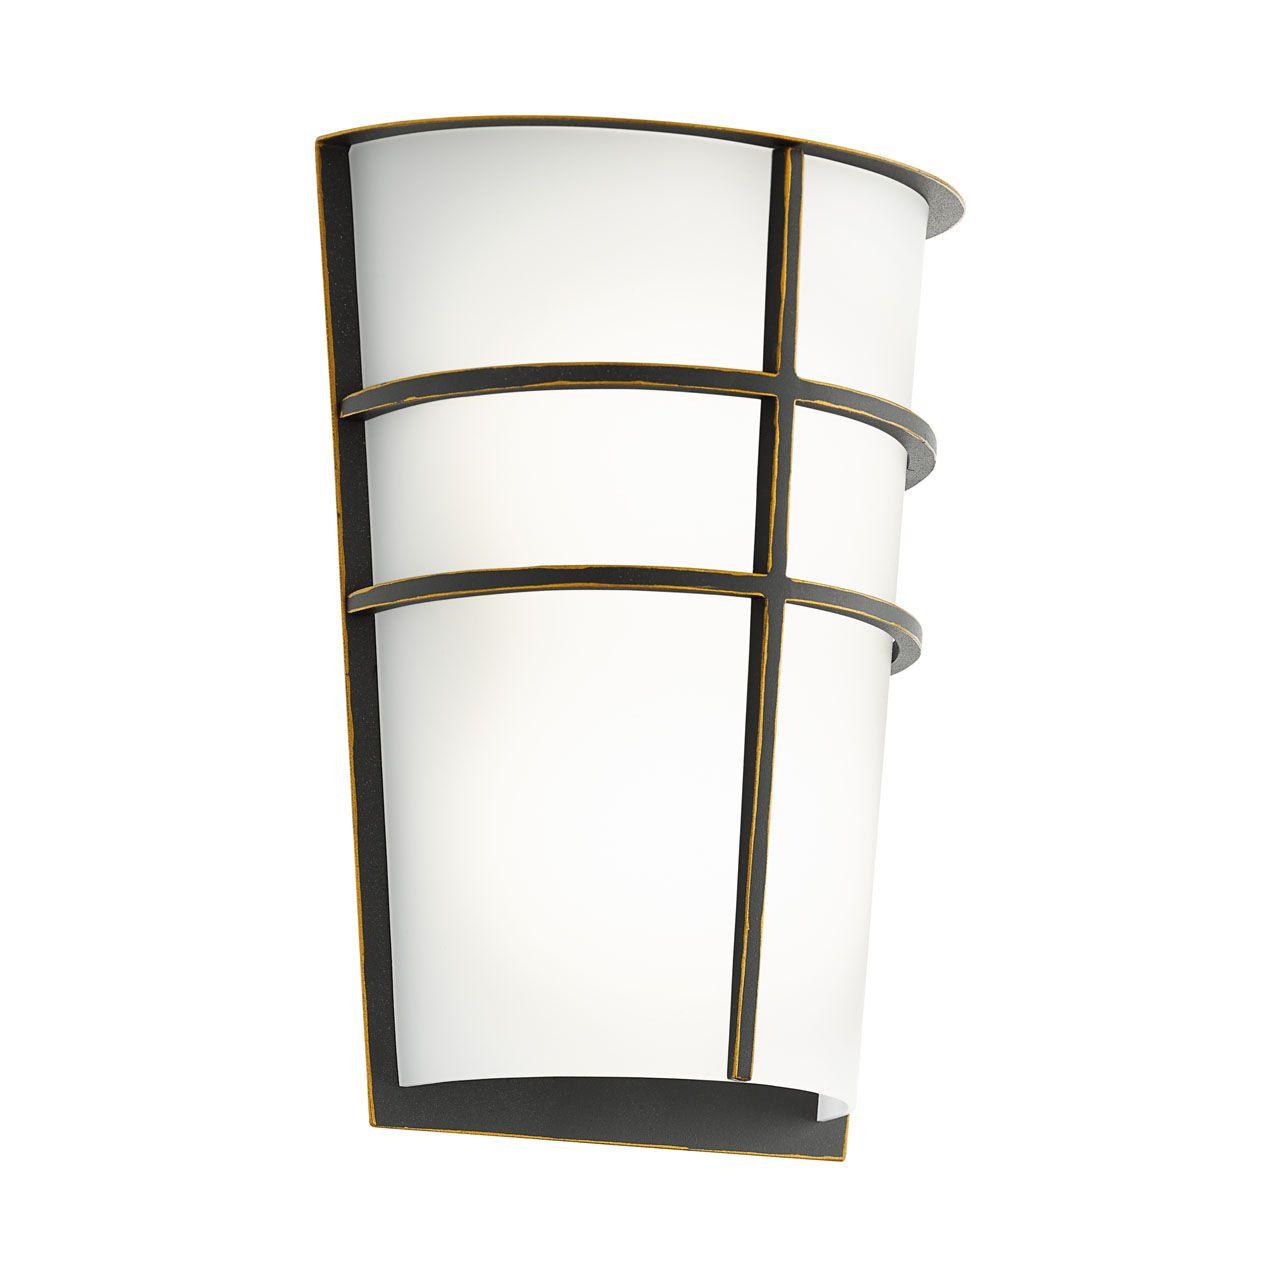 Уличный настенный светодиодный светильник Eglo Breganzo с плафоном из пластика